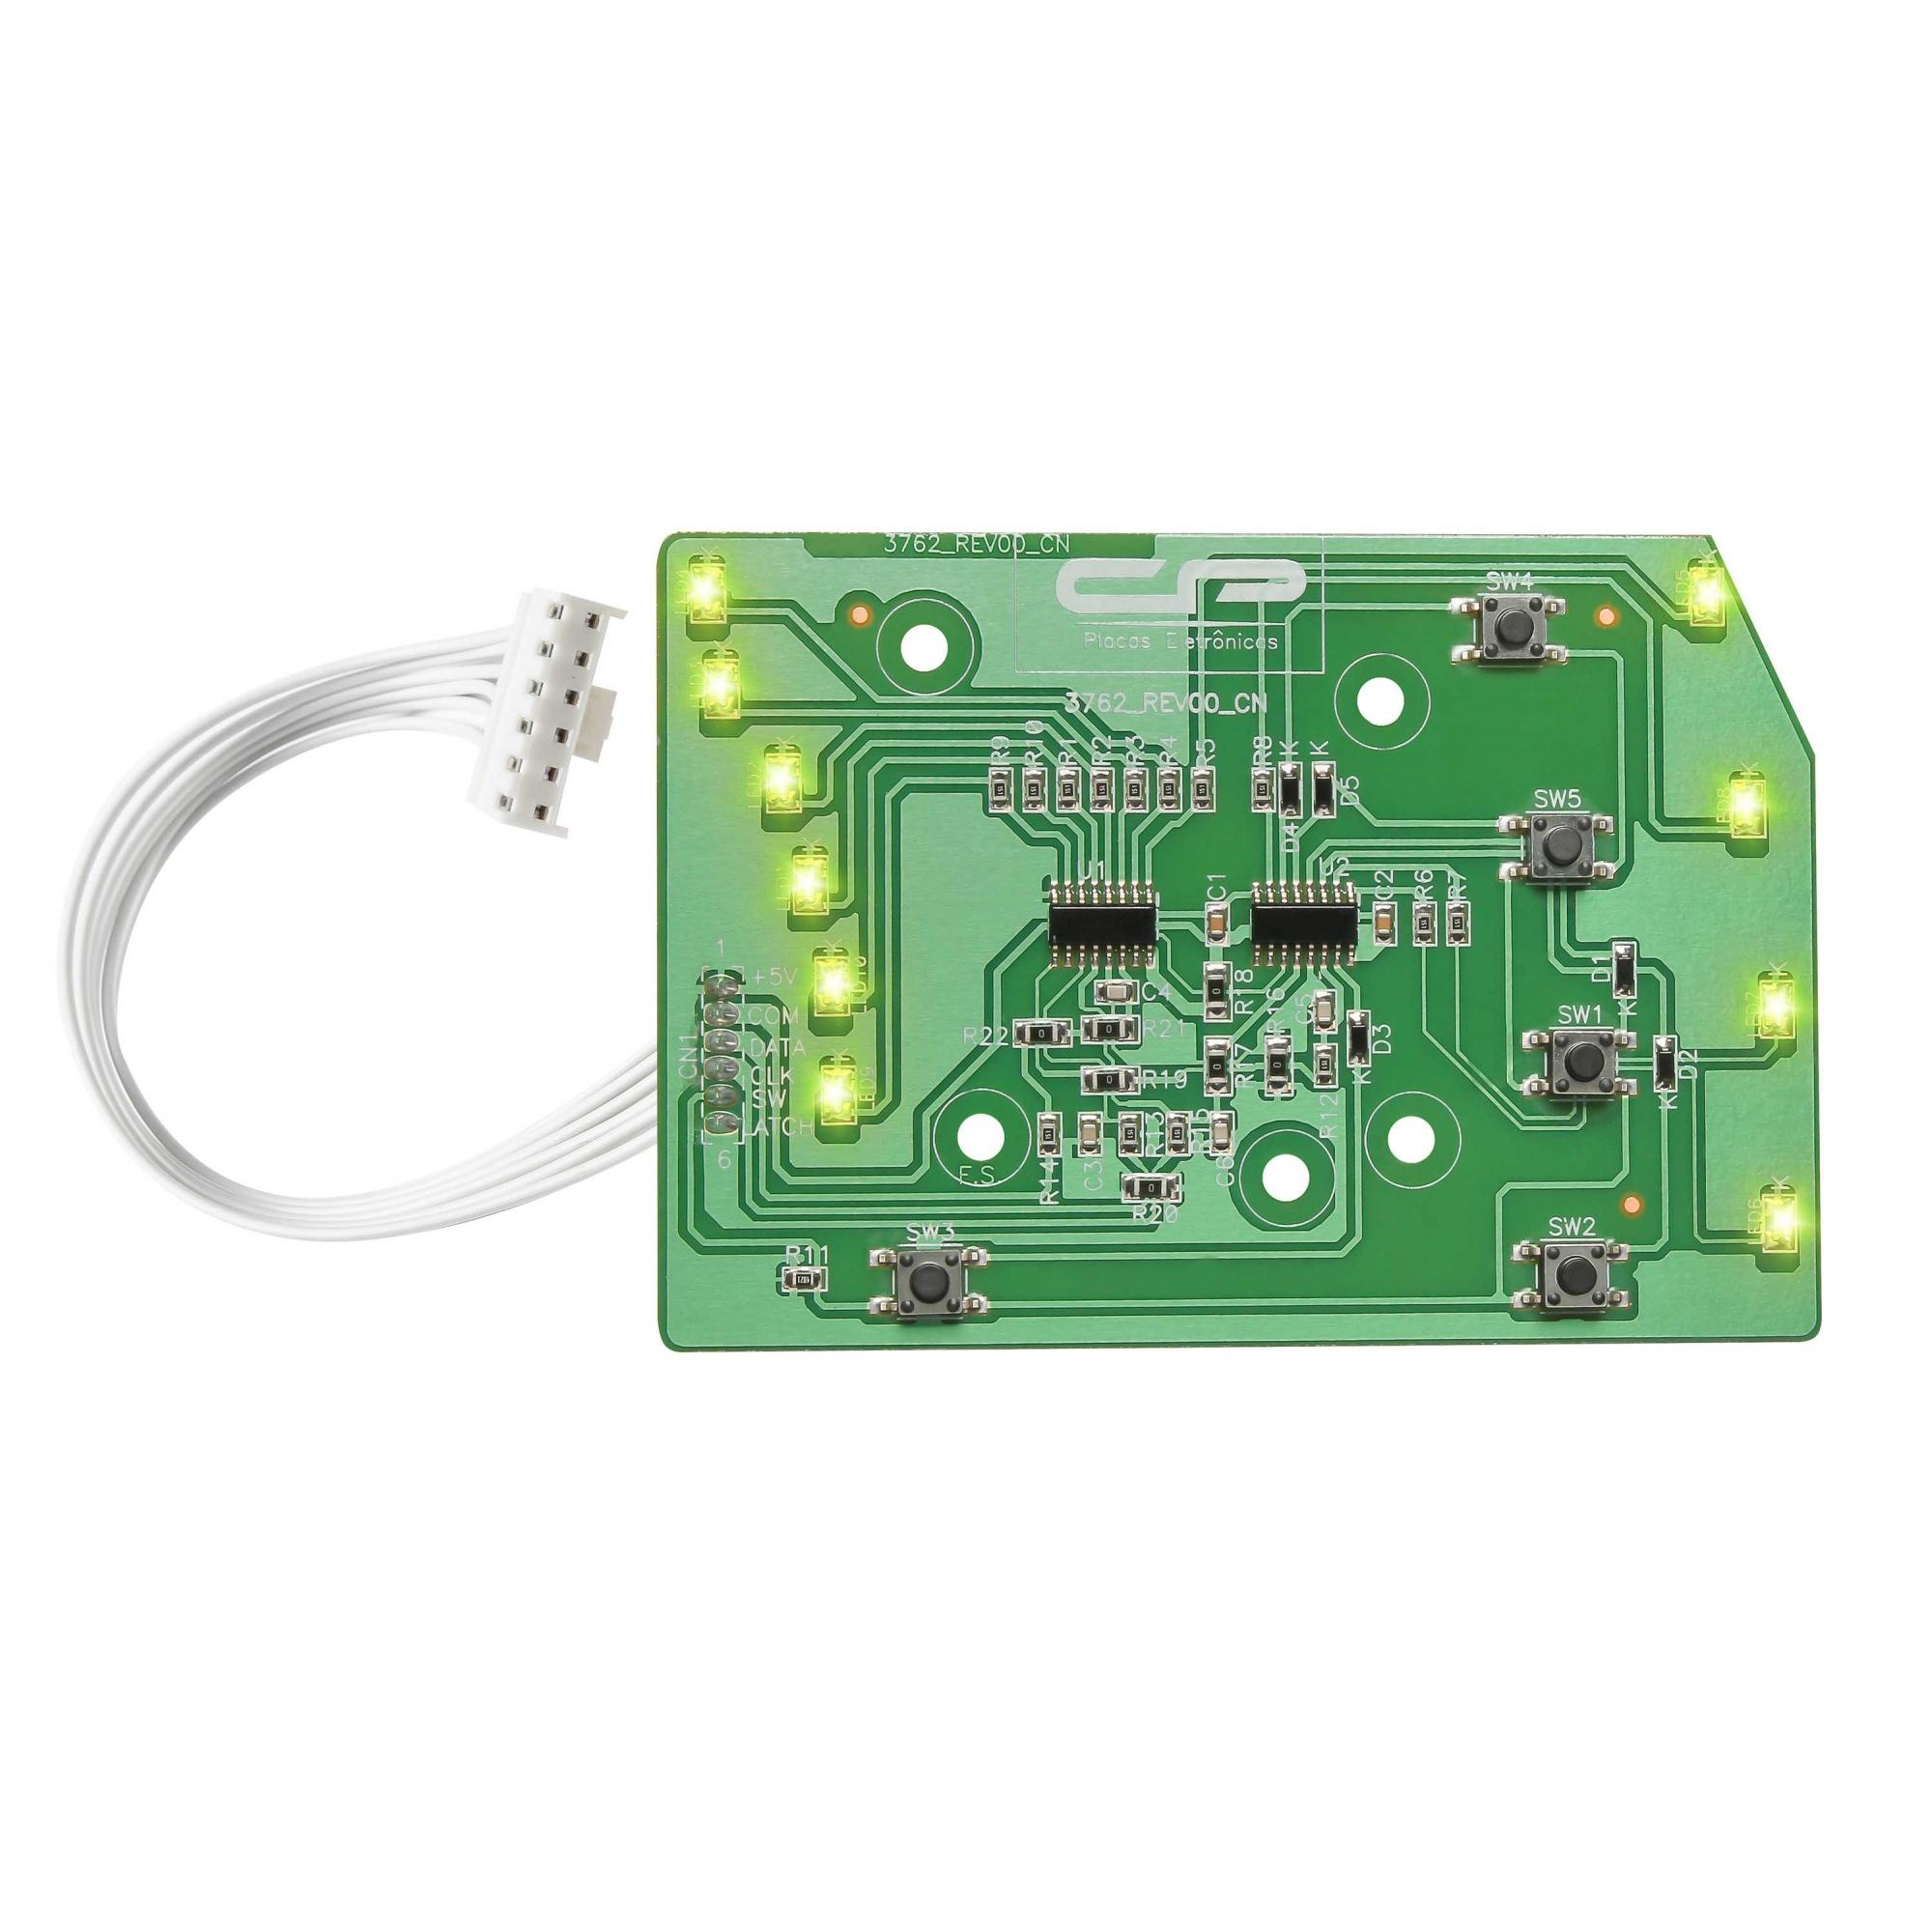 Placa Interface compatível Lavadora Electrolux 1 Versão